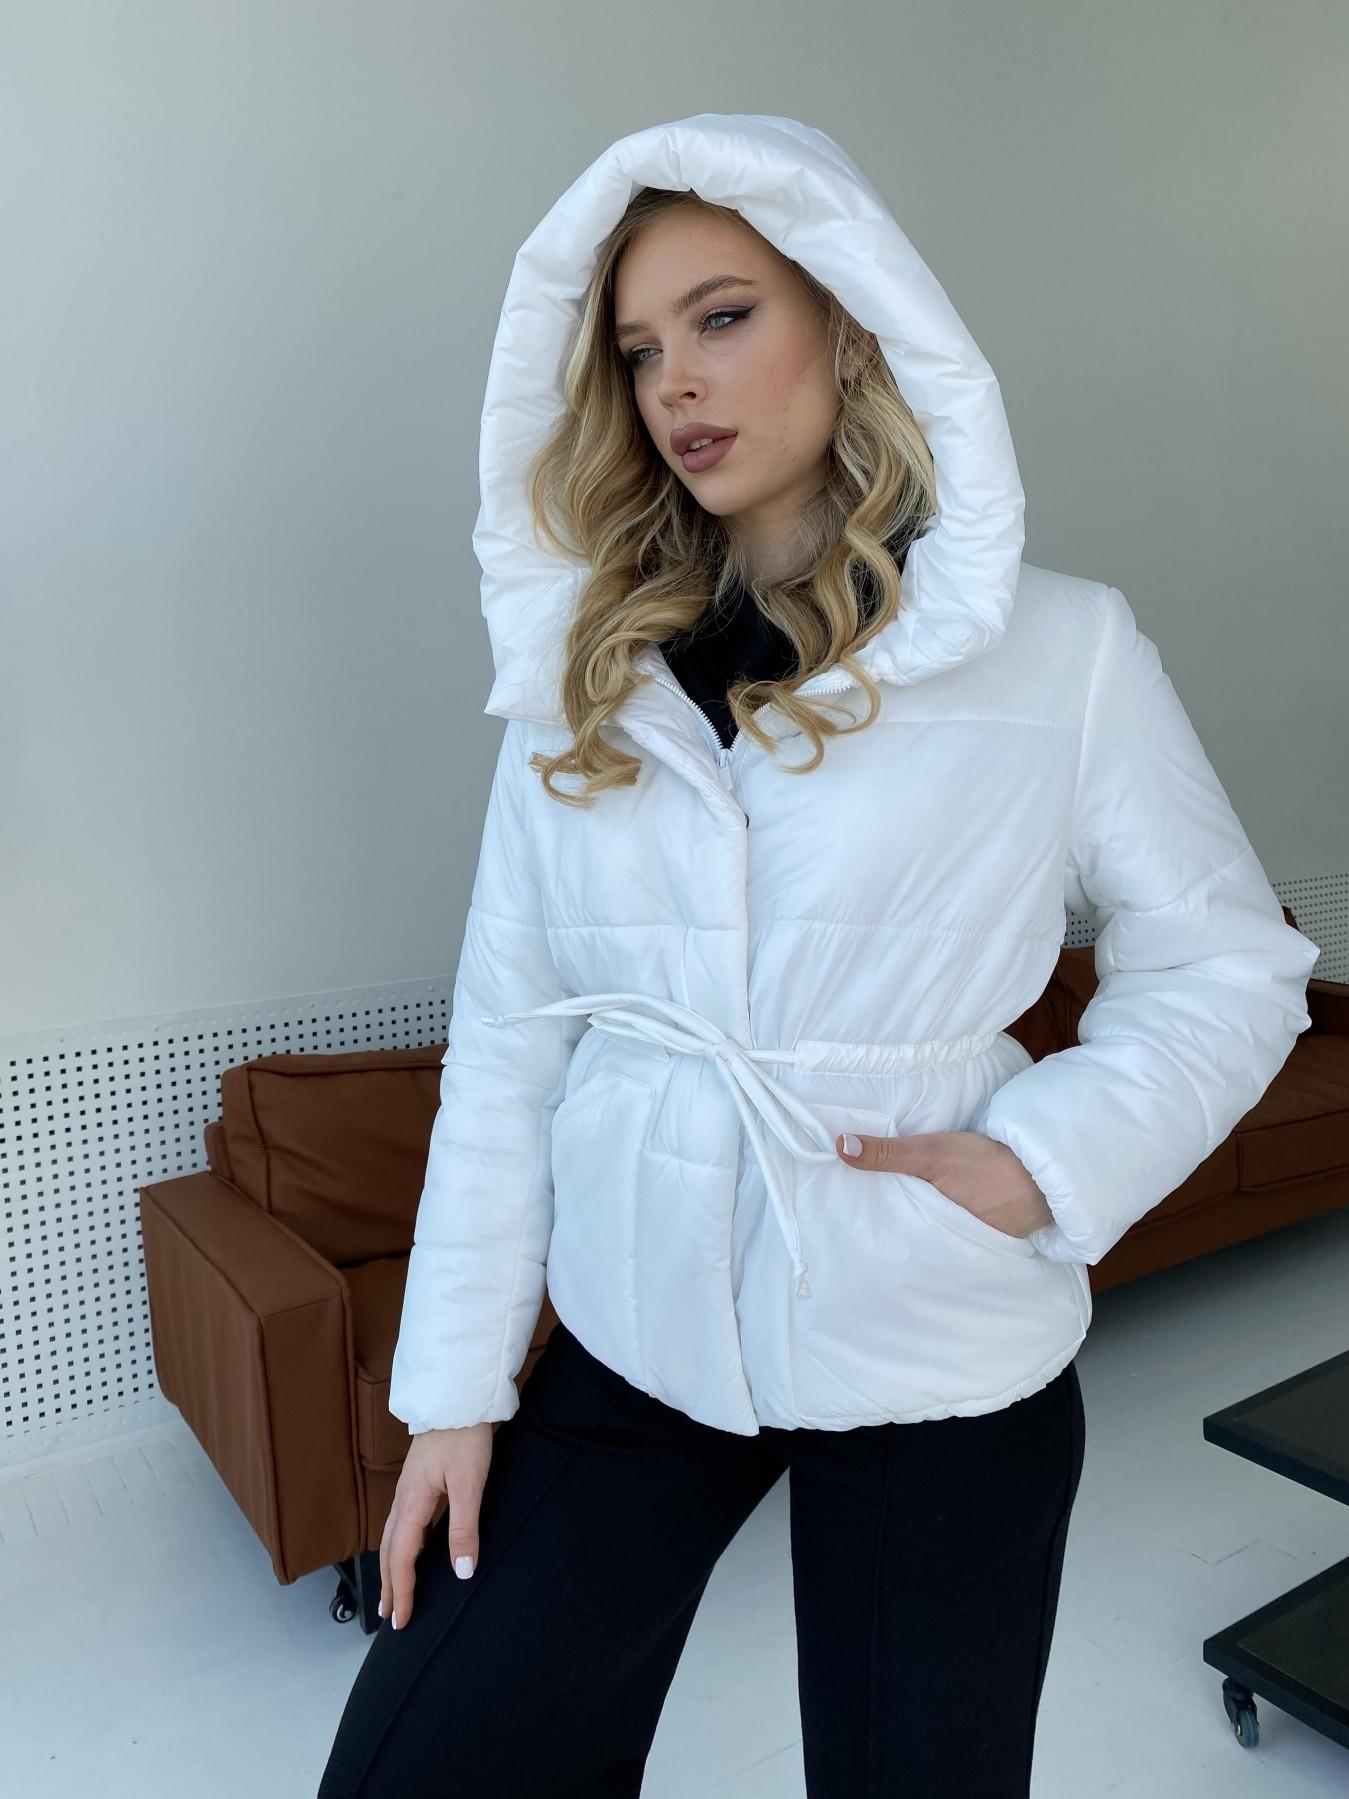 Пино куртка из плащевой ткани 10489 АРТ. 47297 Цвет: Белый - фото 9, интернет магазин tm-modus.ru